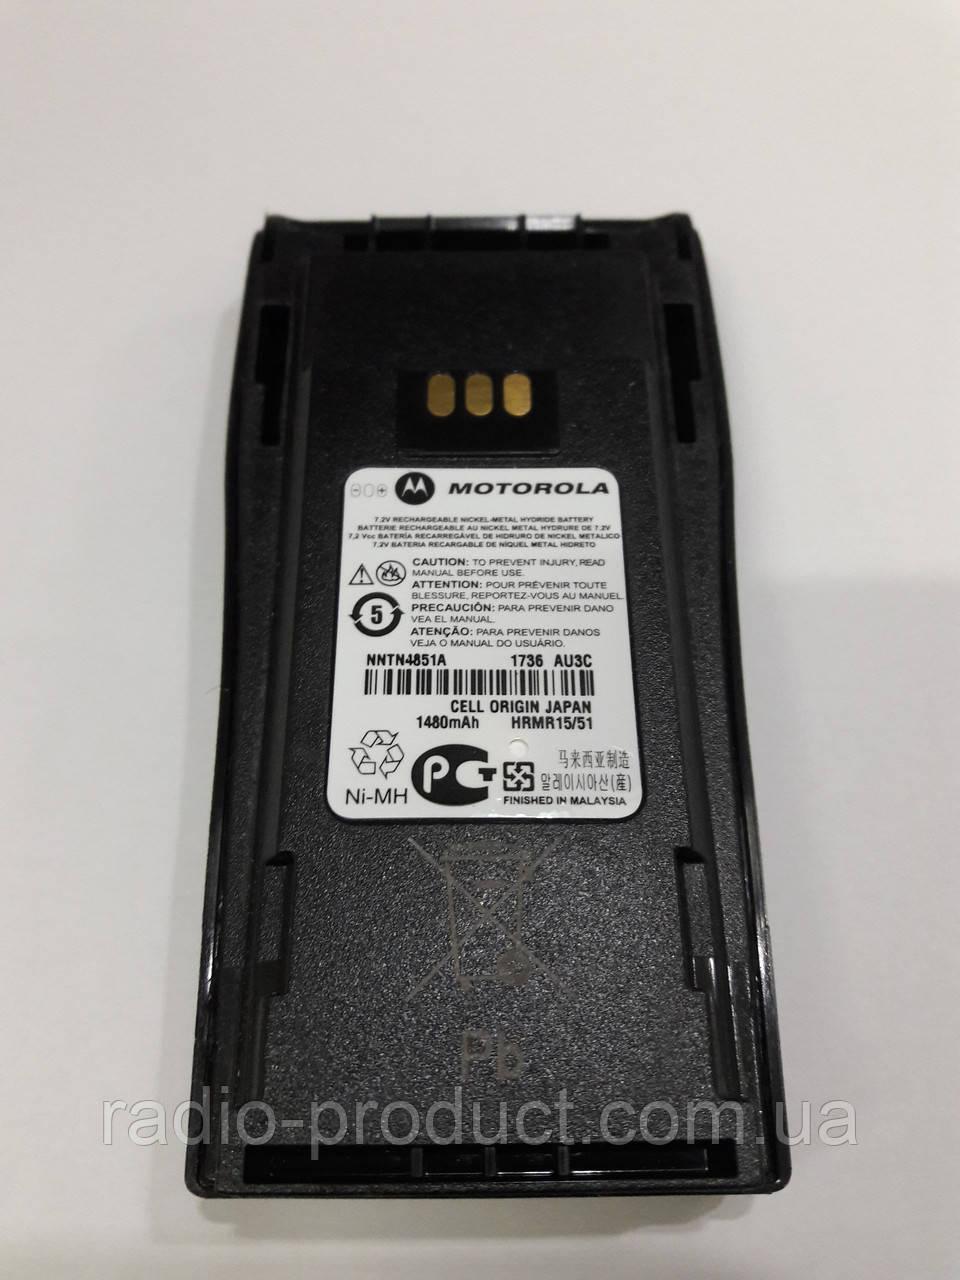 Motorola NNTN4851A Аккумулятор для радиостанции DP